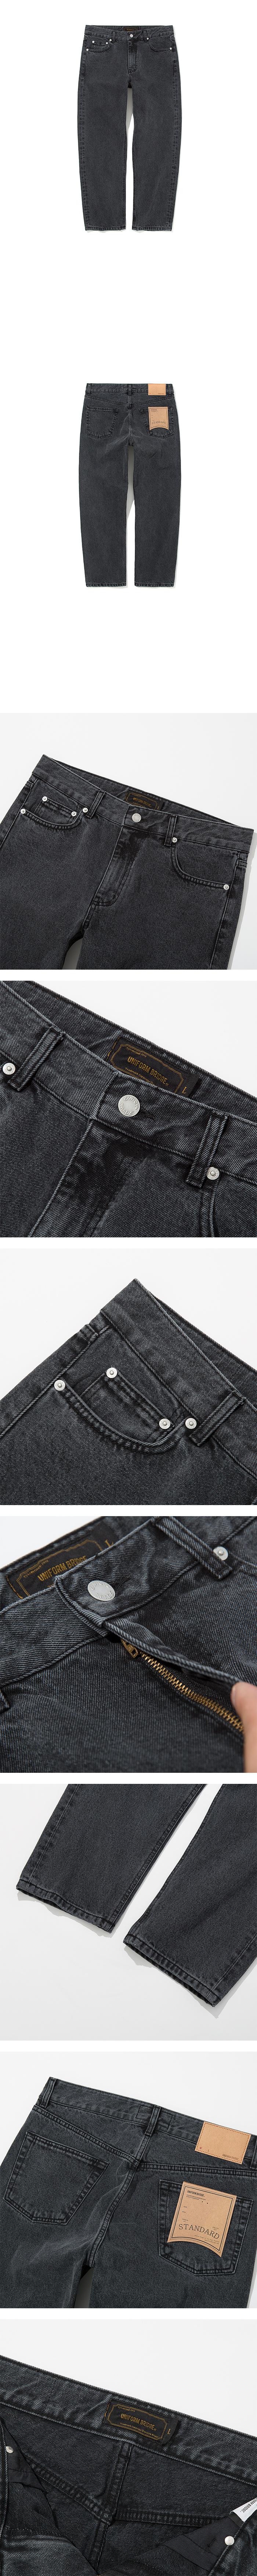 유니폼브릿지(UNIFORM BRIDGE) washing crop denim pants black